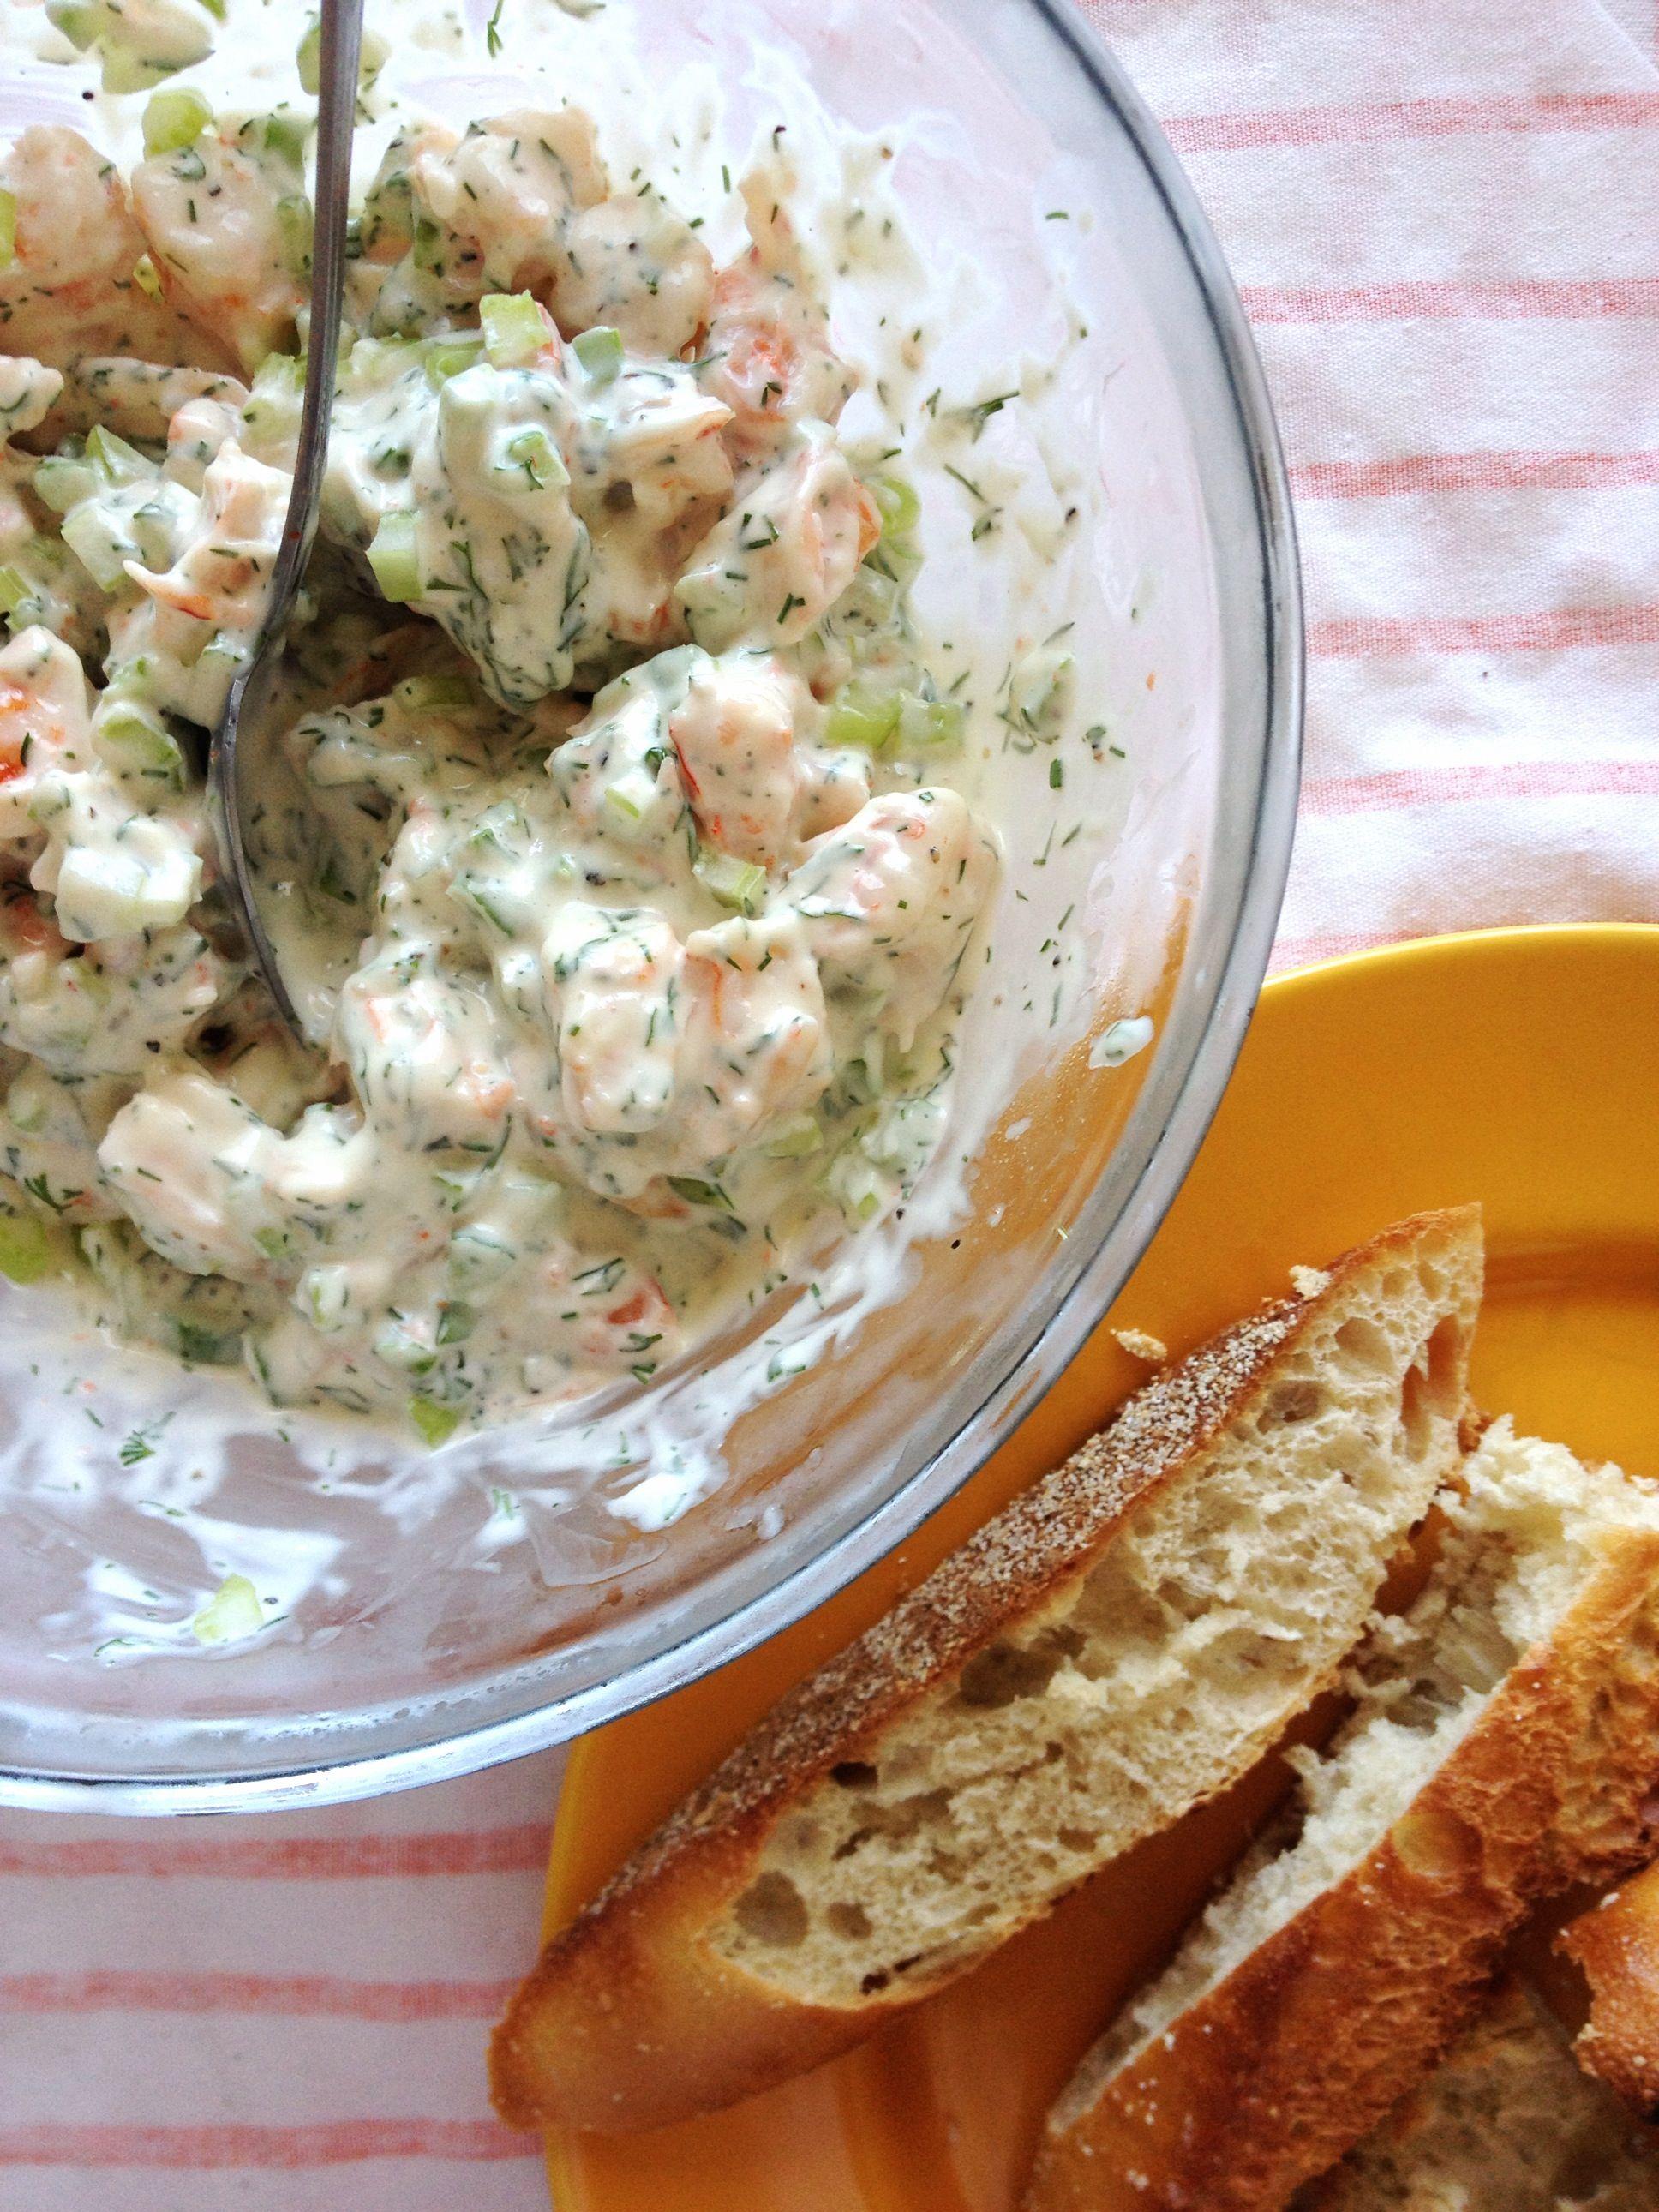 shrimp salad from ina gartens recipe httpmfoodnetwork - Ina Garten Shrimp Salad Recipe